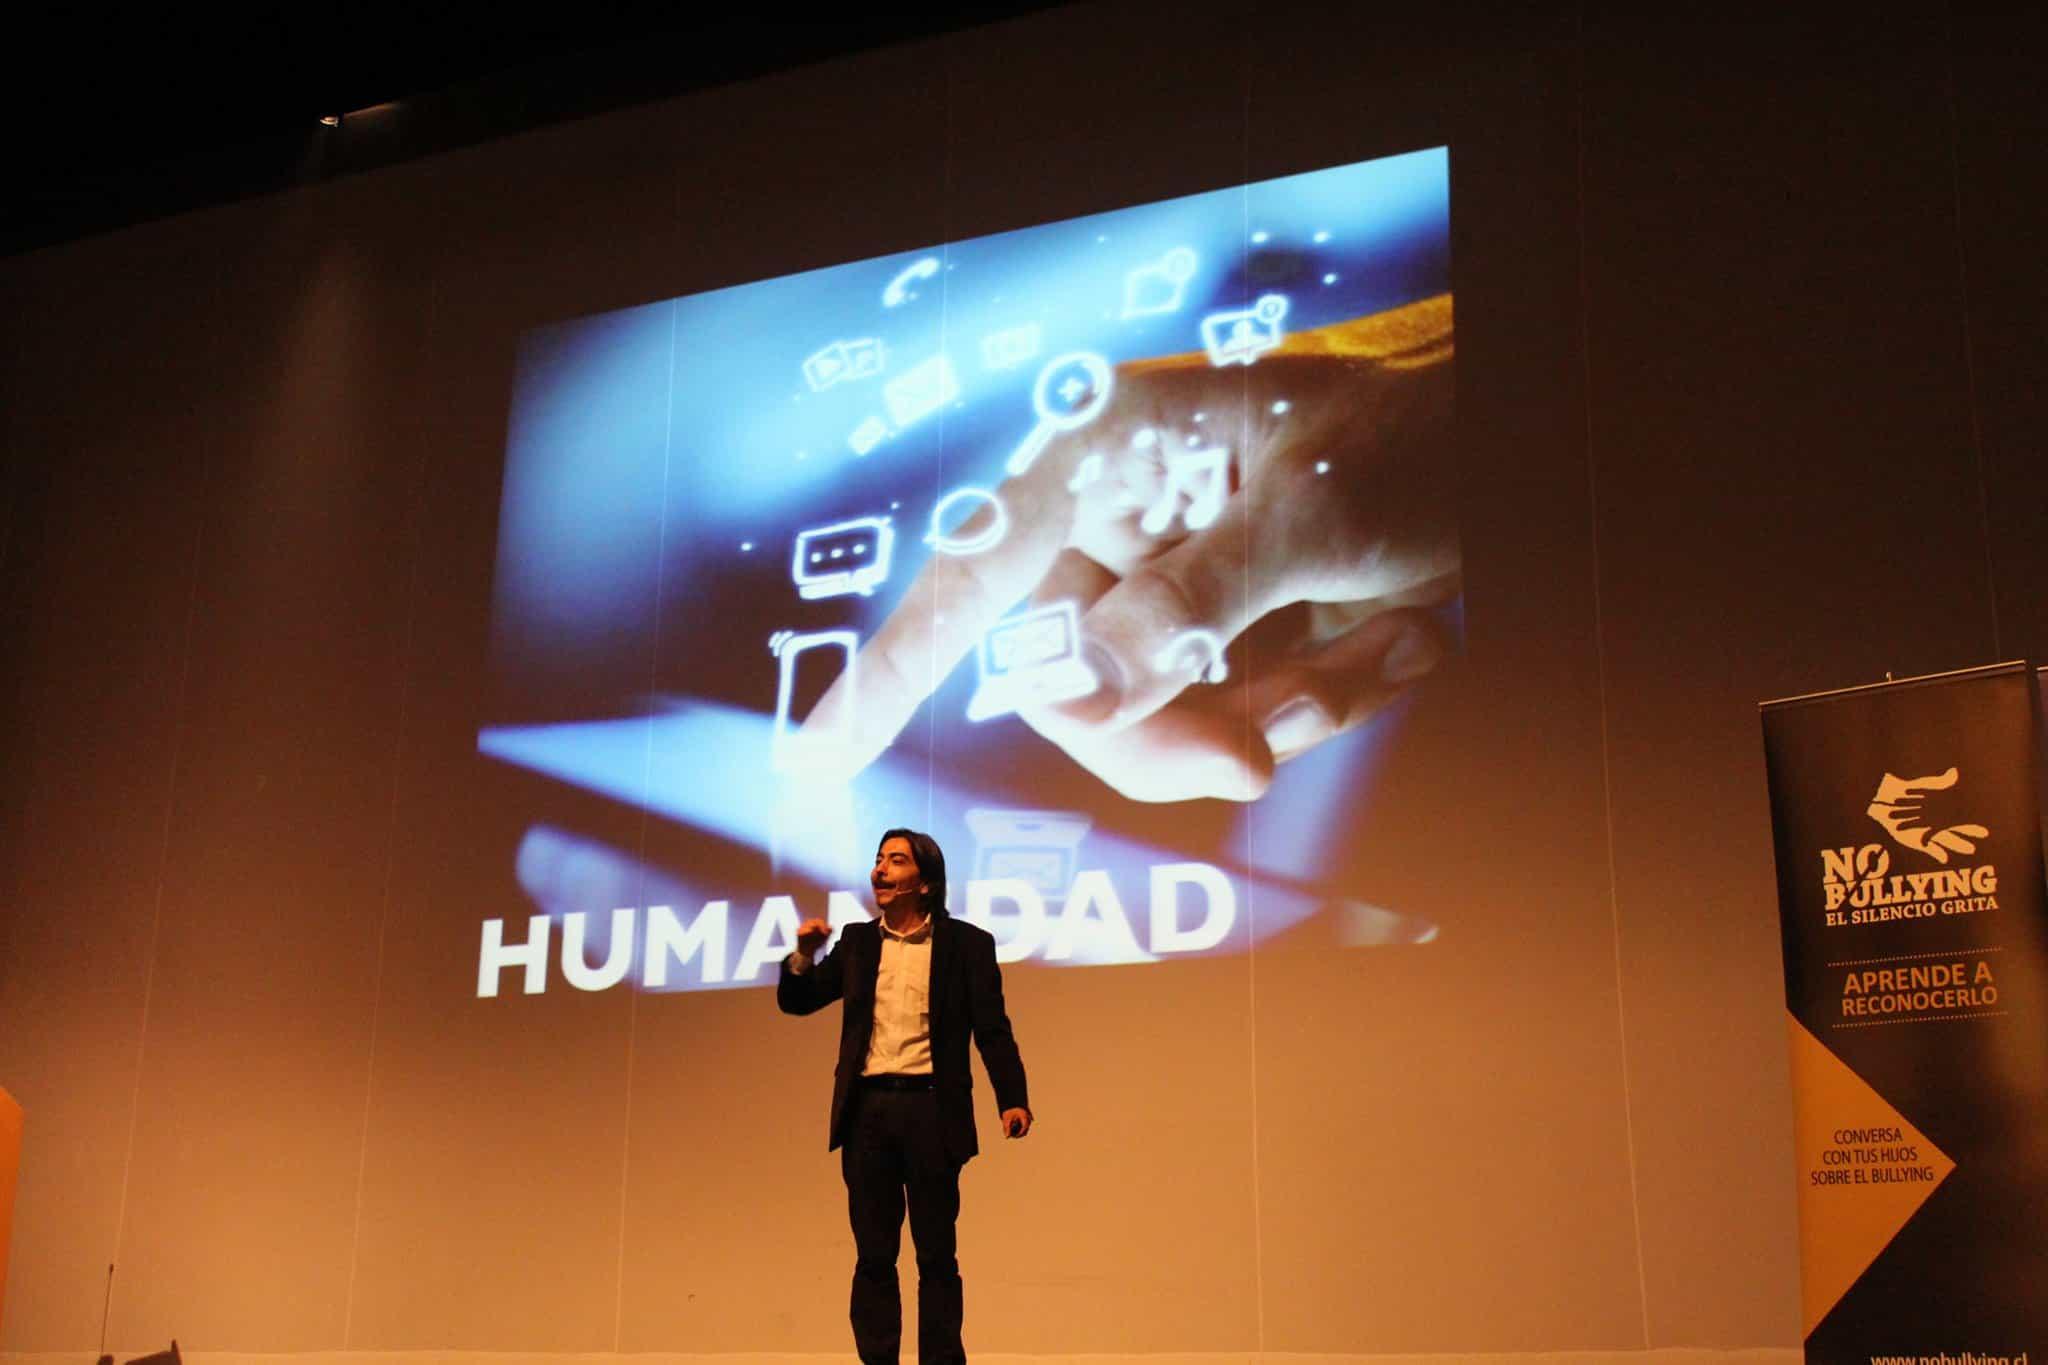 El seminario sobre Cyberbullying que será dictado por el Doctor en Psicología Miguel Arias Cerón.